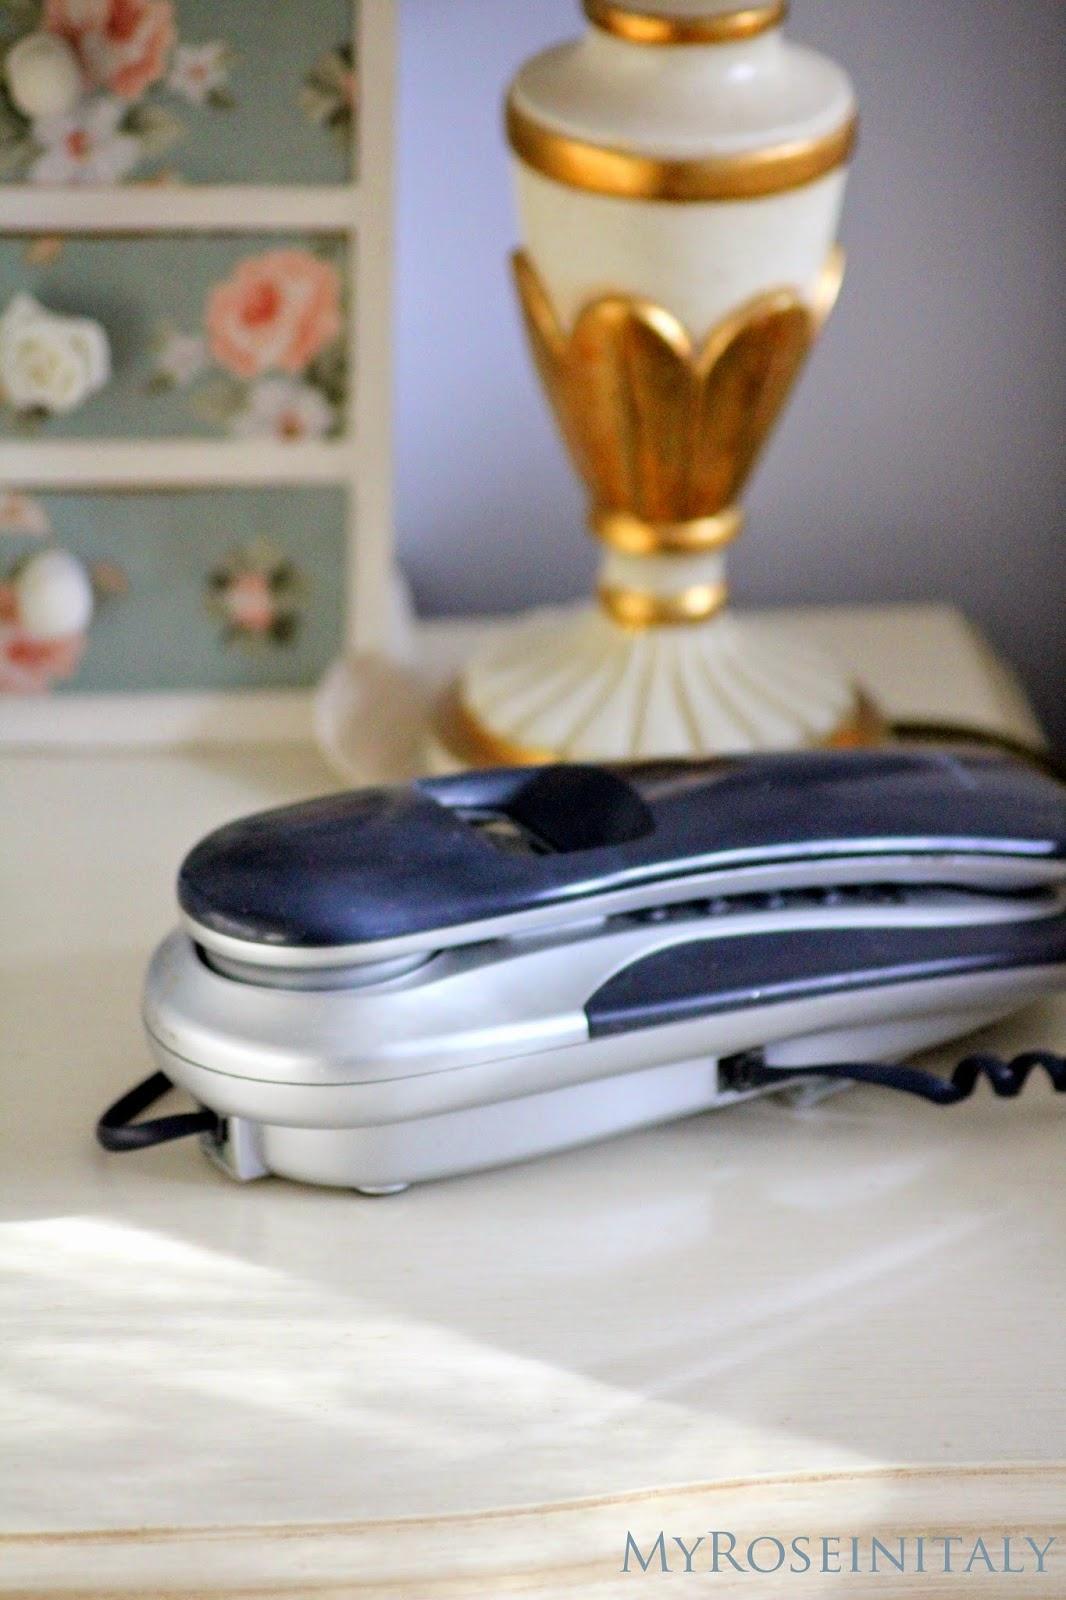 My roseinitaly un telefono per la camera da letto for Camera dei deputati telefono